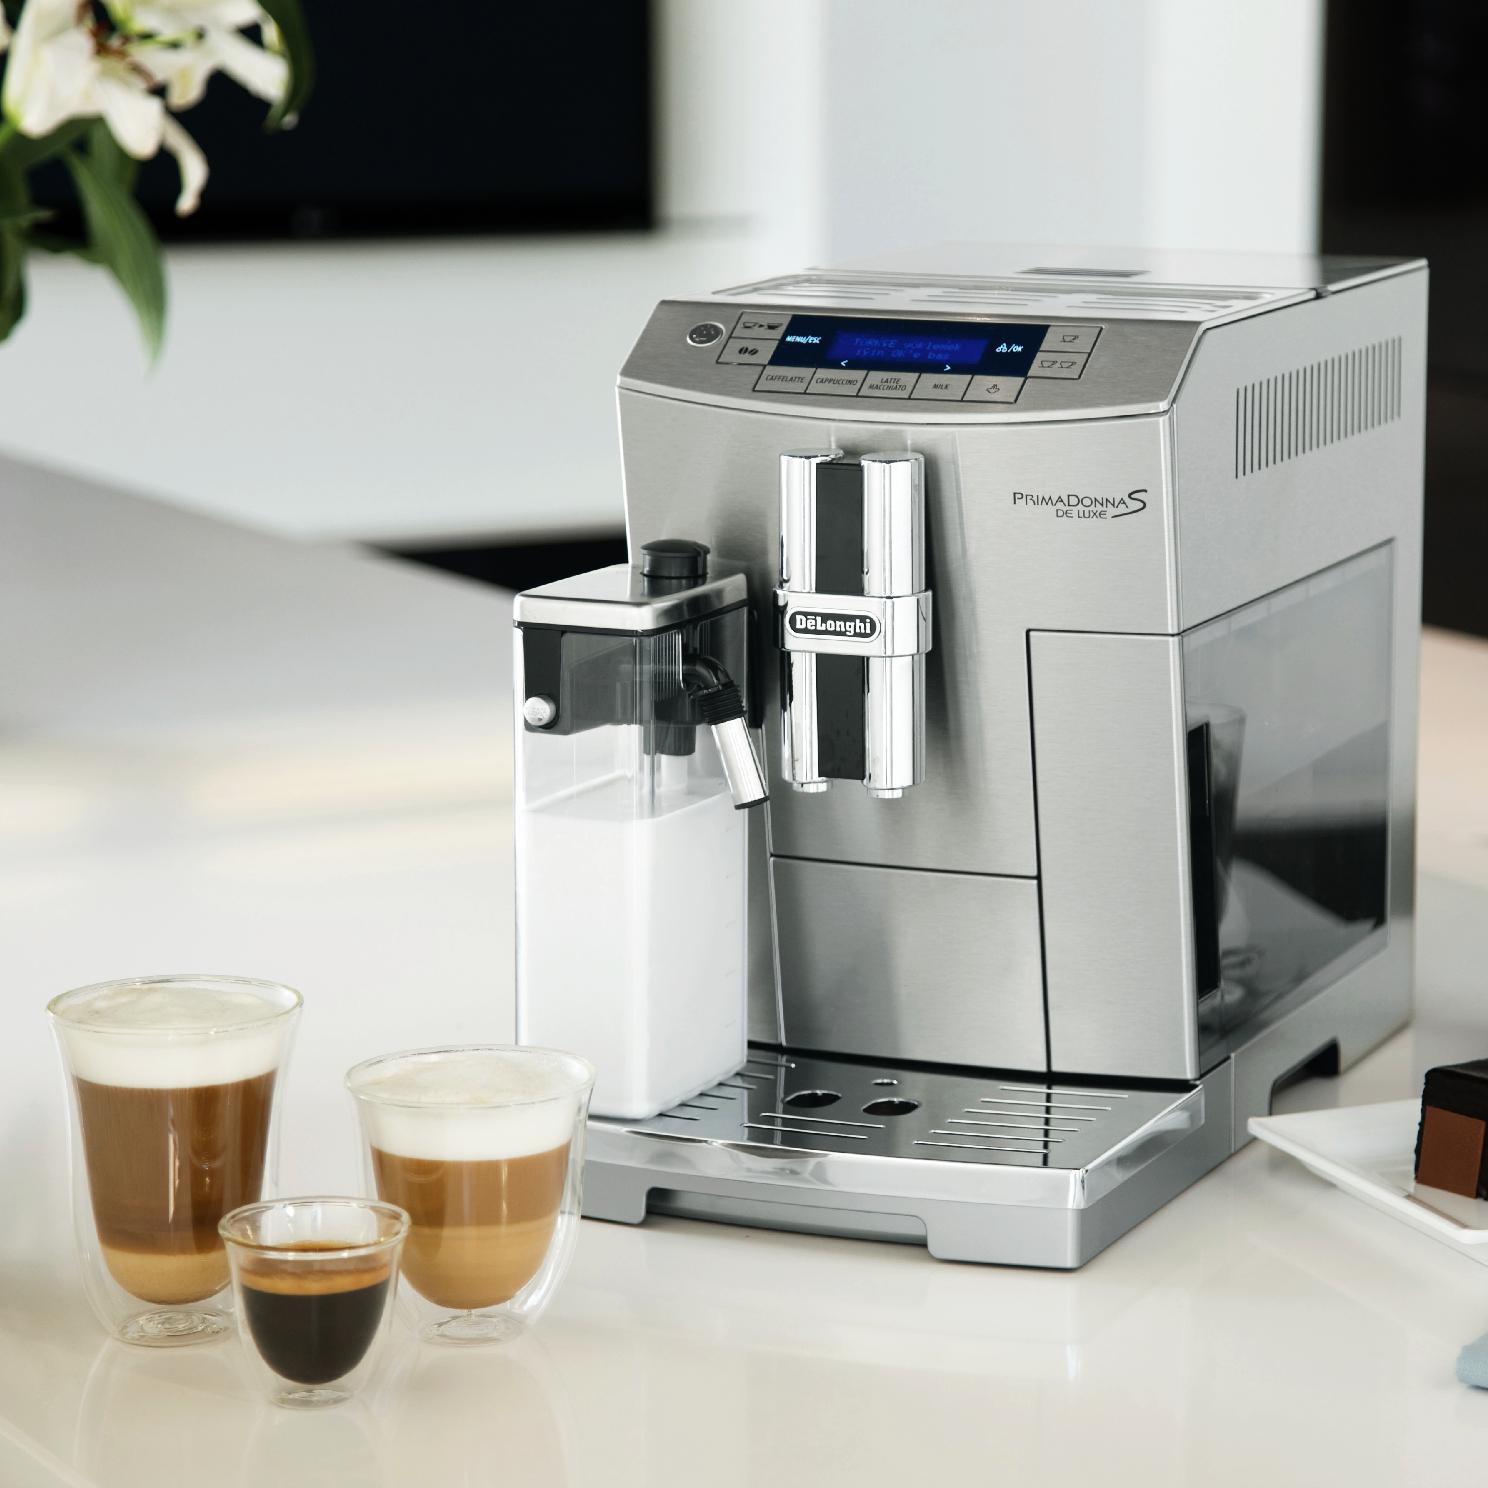 Delonghi Prima Donna S De Luxe Stainless Steel Super Automatic Espresso Machine